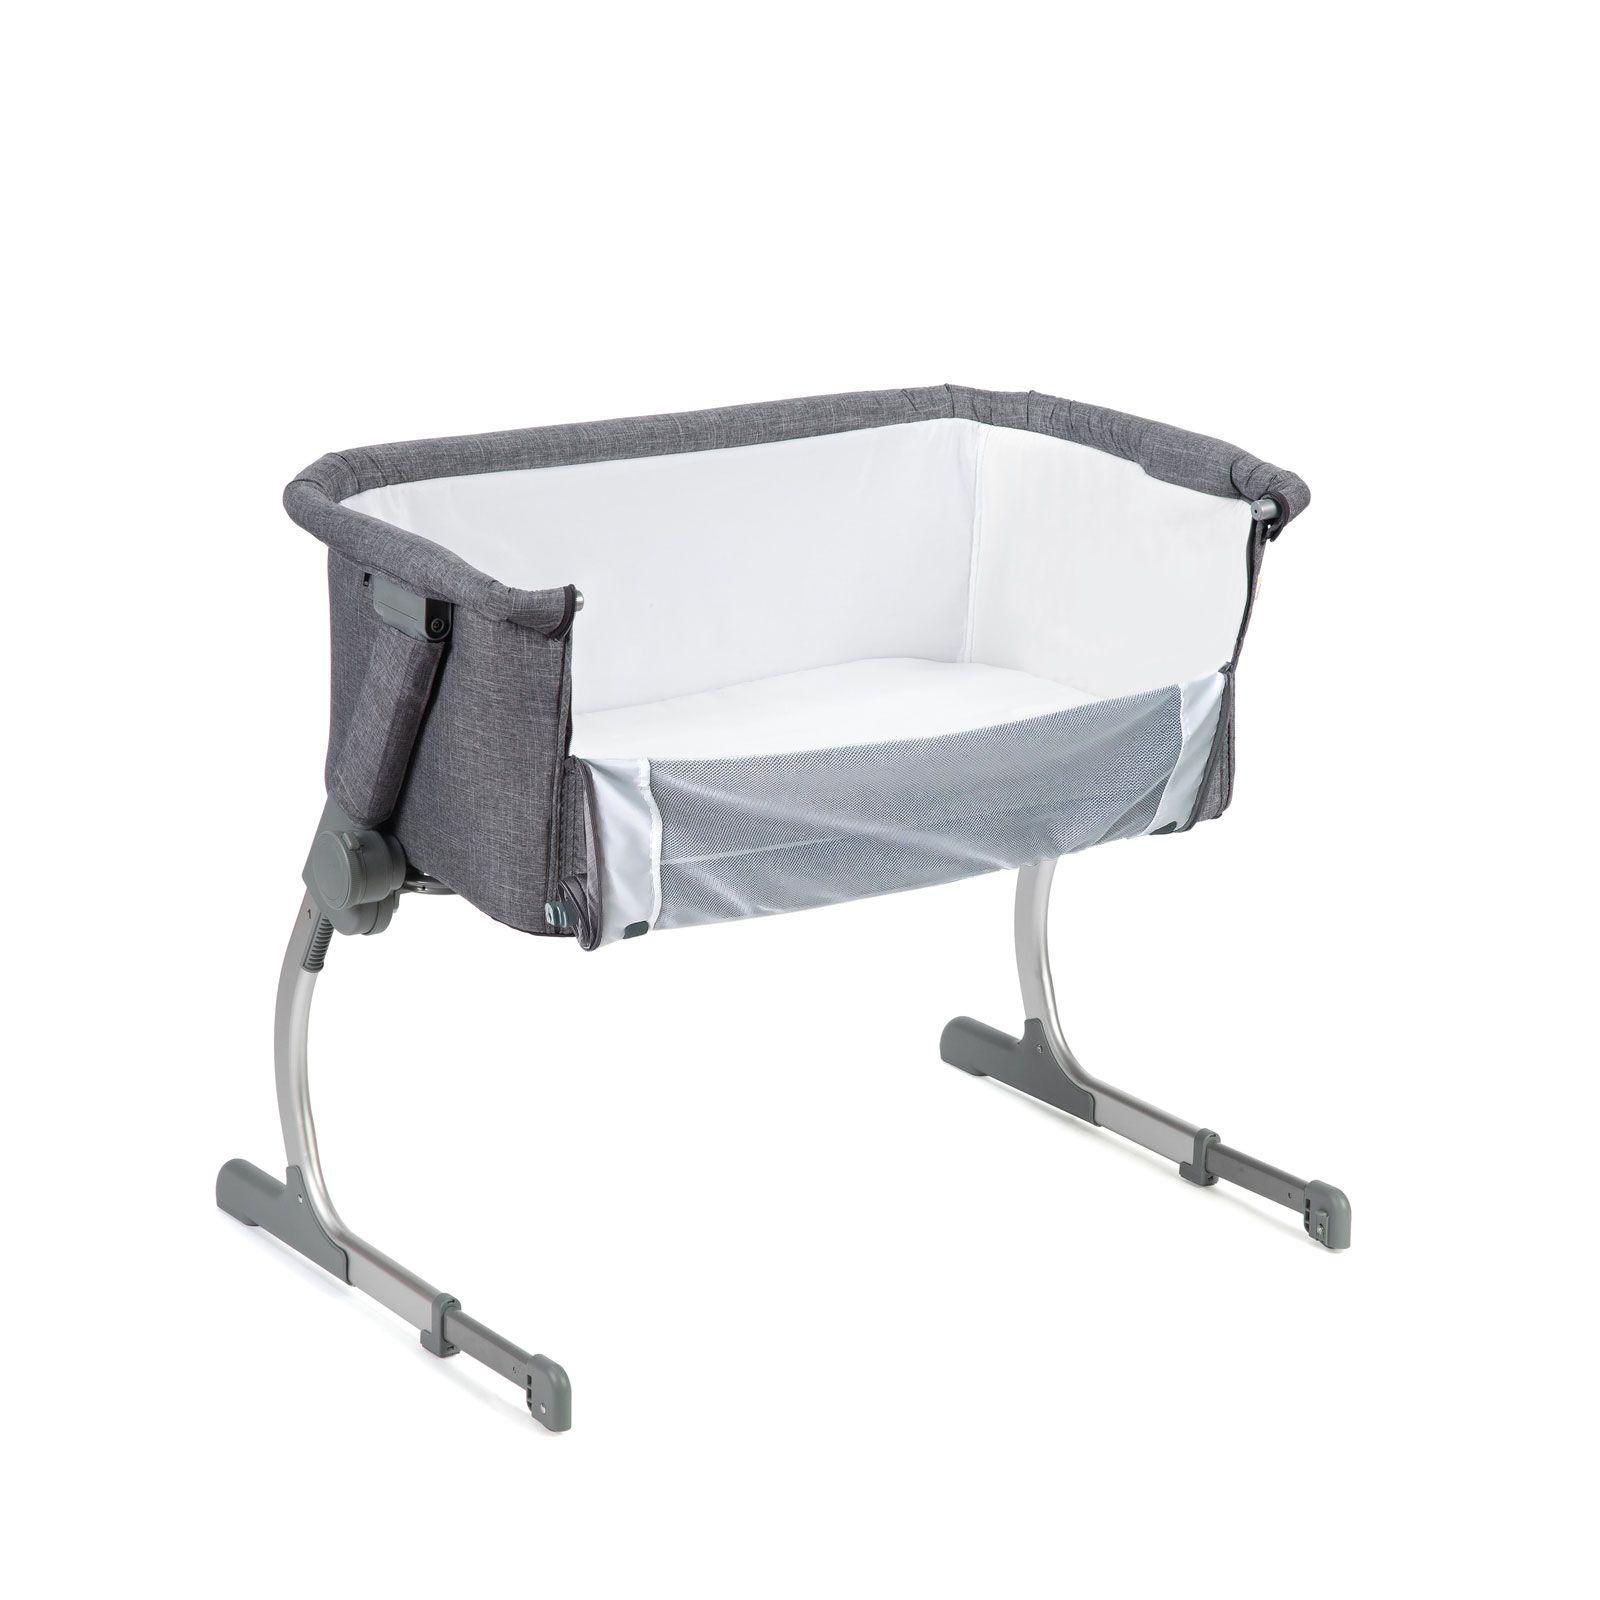 Berço Portátil Side by Side Gray - Safety 1st Mc109